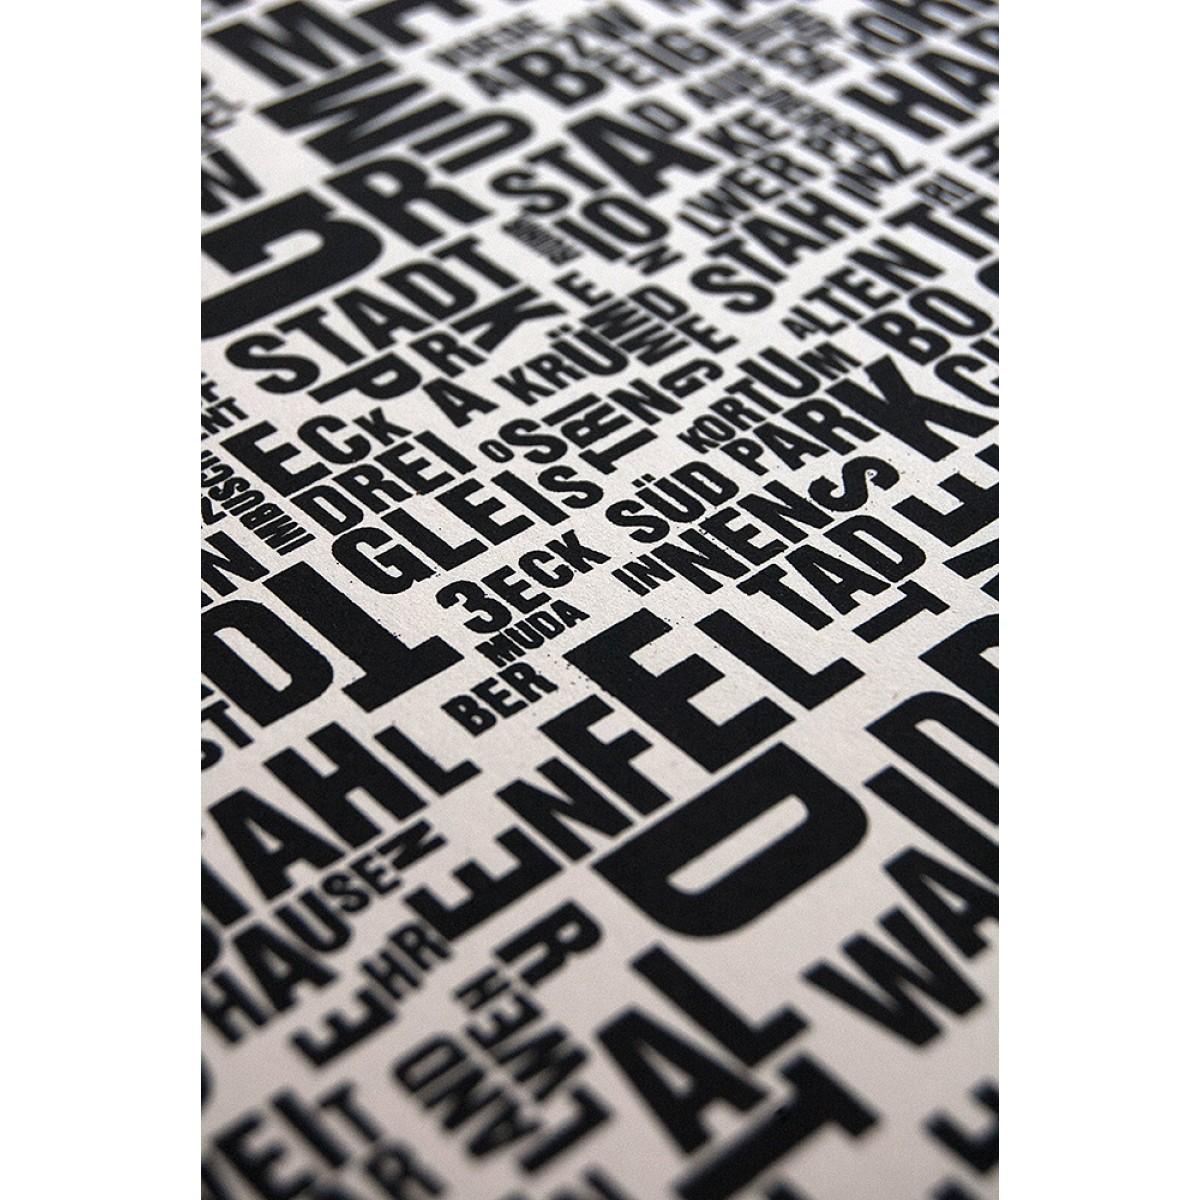 Buchstabenort Bochum Stadtteile-Poster Typografie